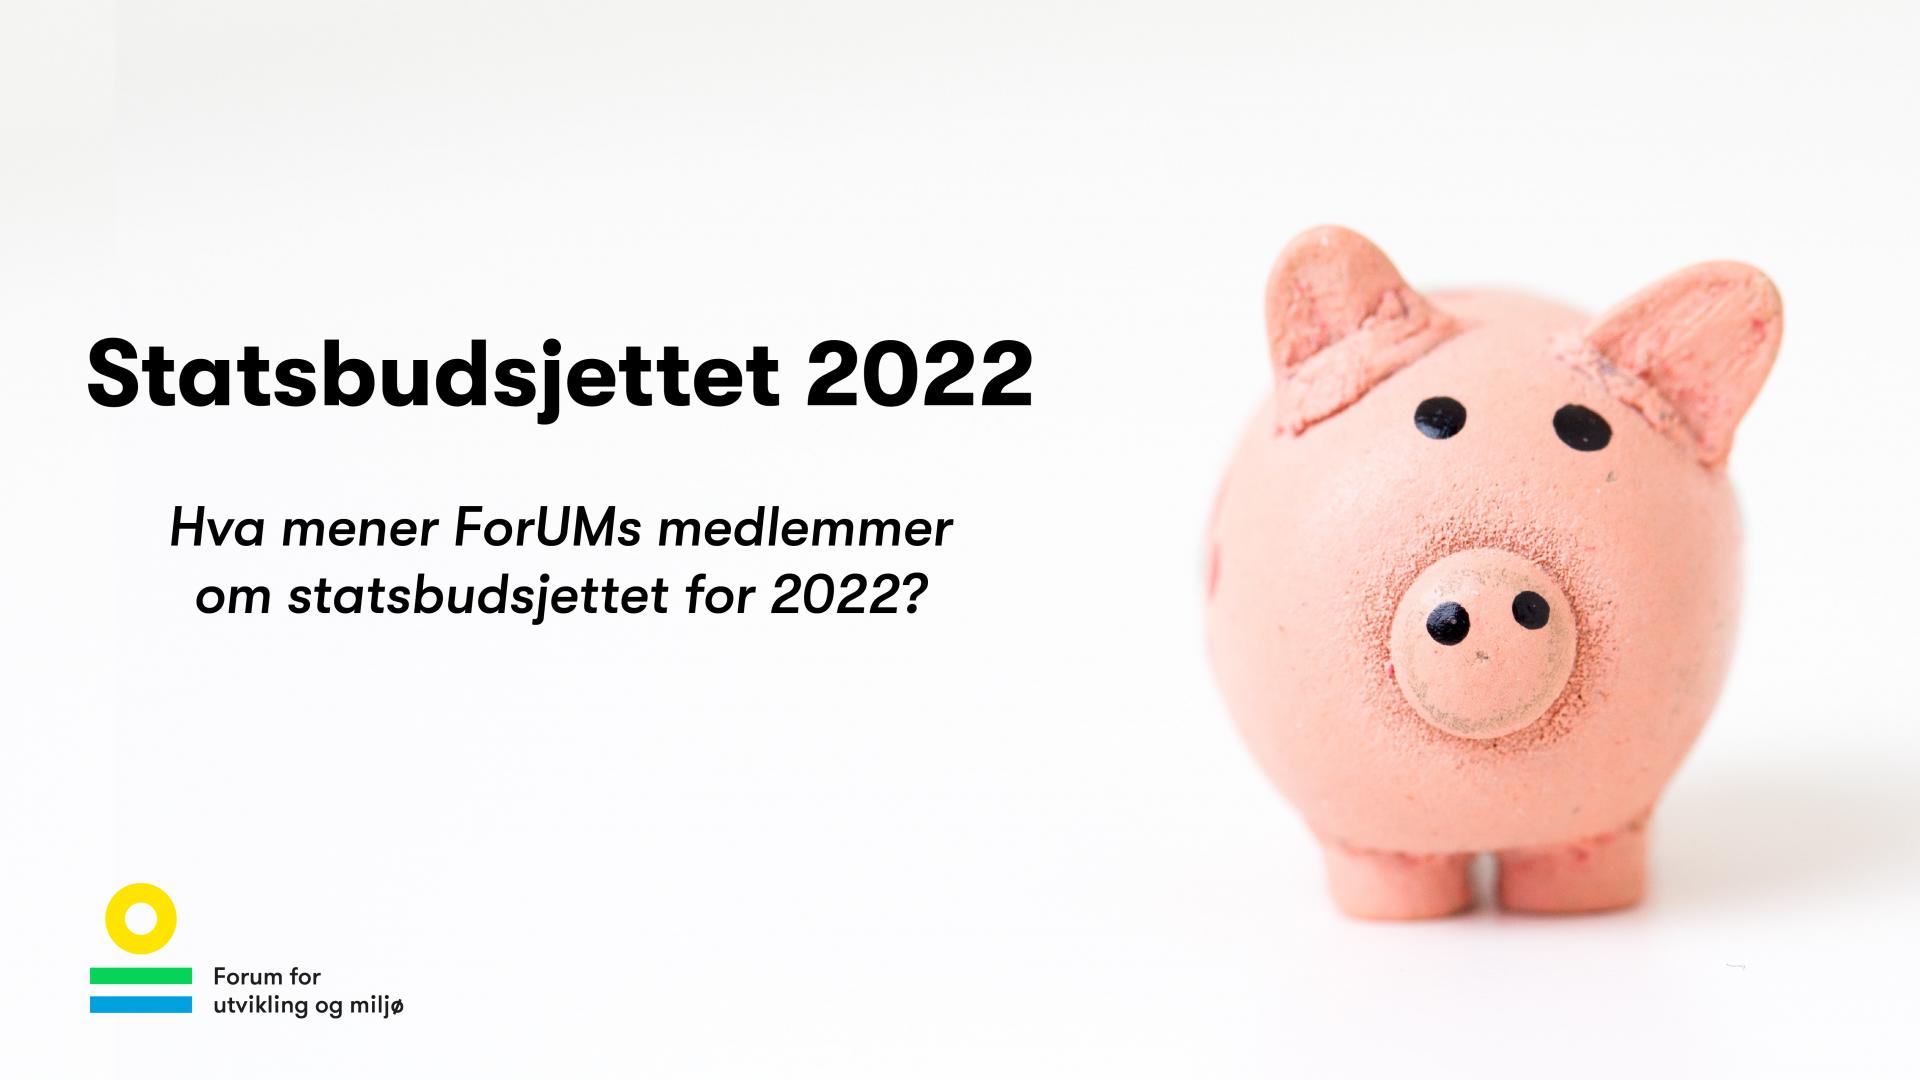 Hva mener ForUMs medlemmer om statsbudsjettet for 2022?